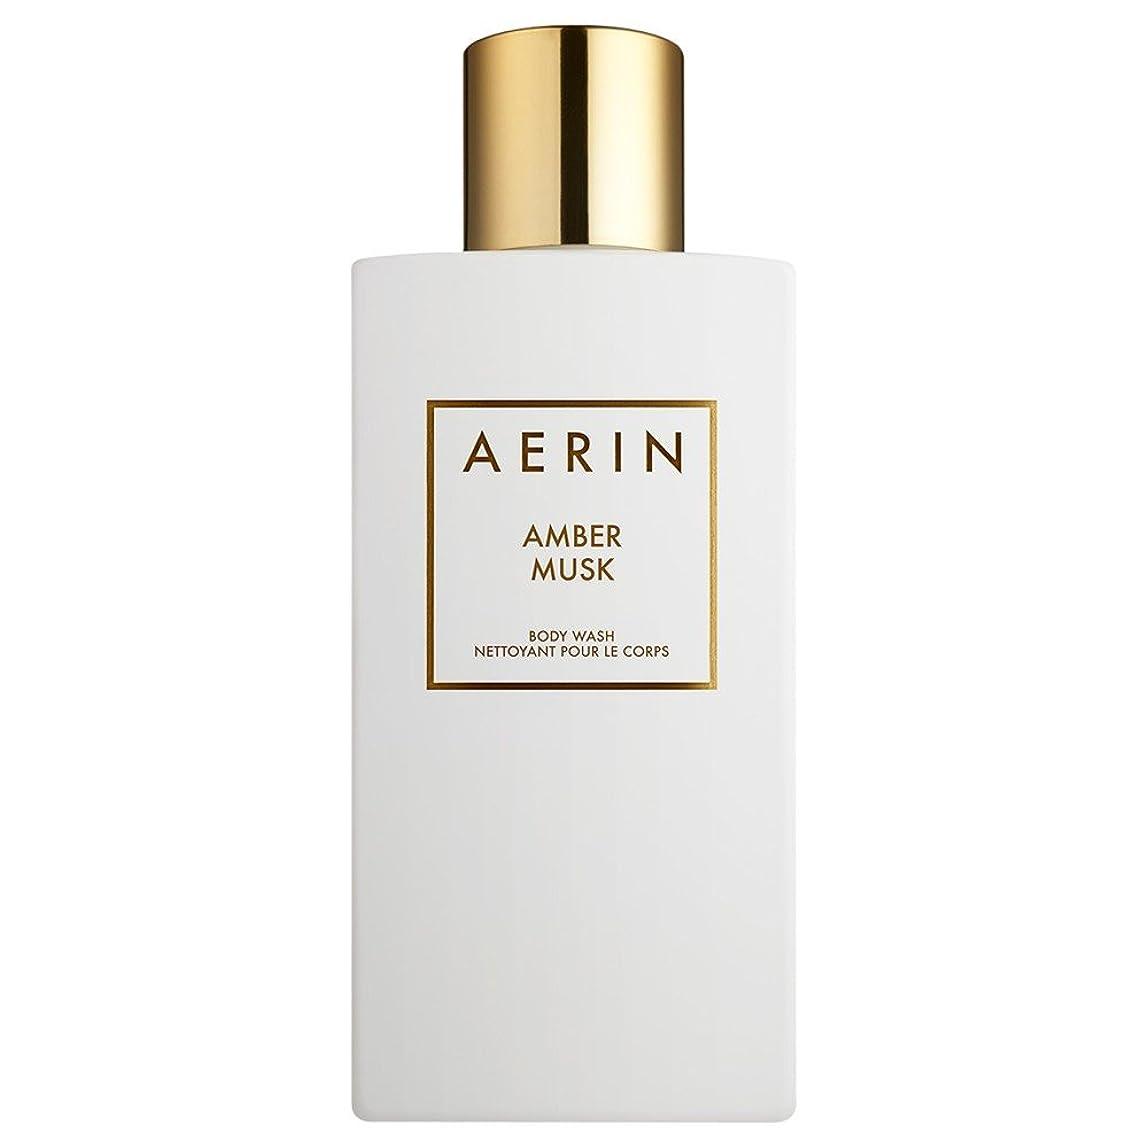 単位ワゴン消費Aerinアンバームスクボディウォッシュ225ミリリットル (AERIN) (x2) - AERIN Amber Musk Bodywash 225ml (Pack of 2) [並行輸入品]